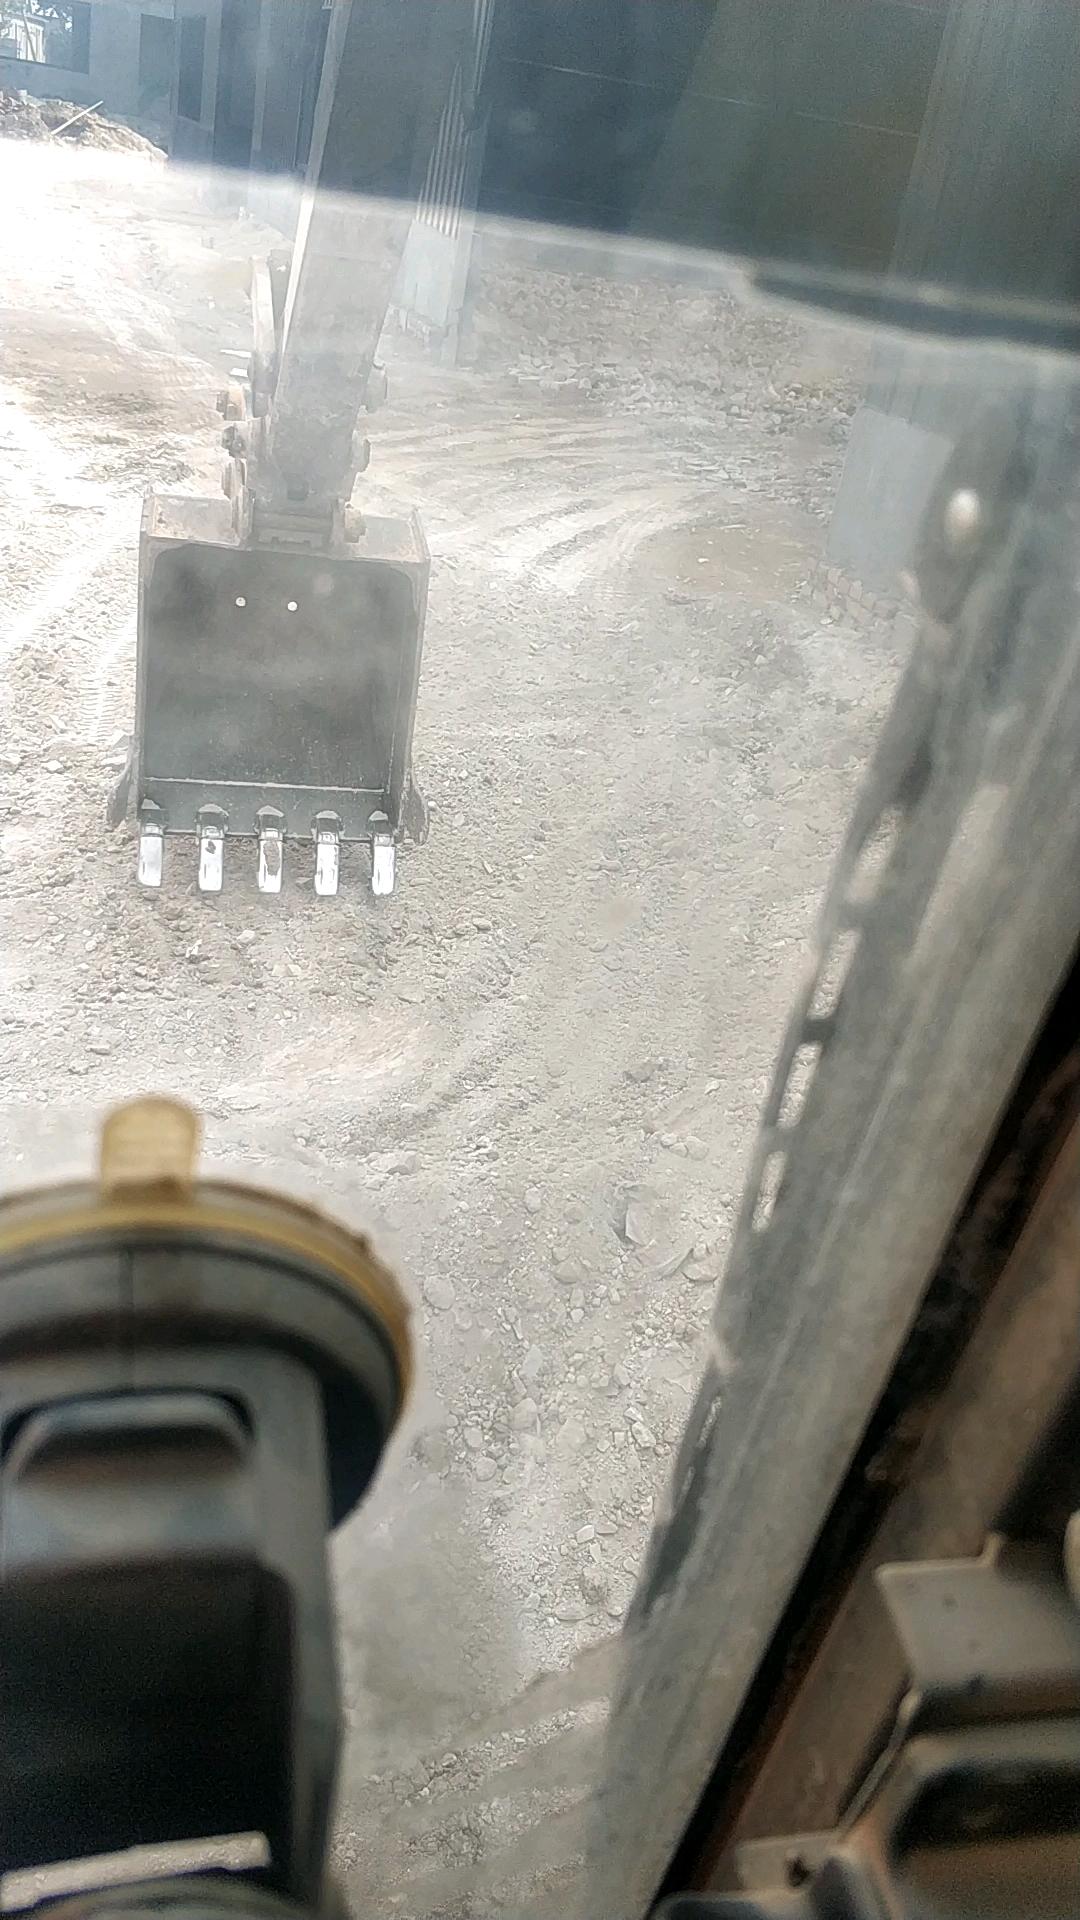 【我的好同伴】小松PC60-8挖机9000+小时运用陈诉